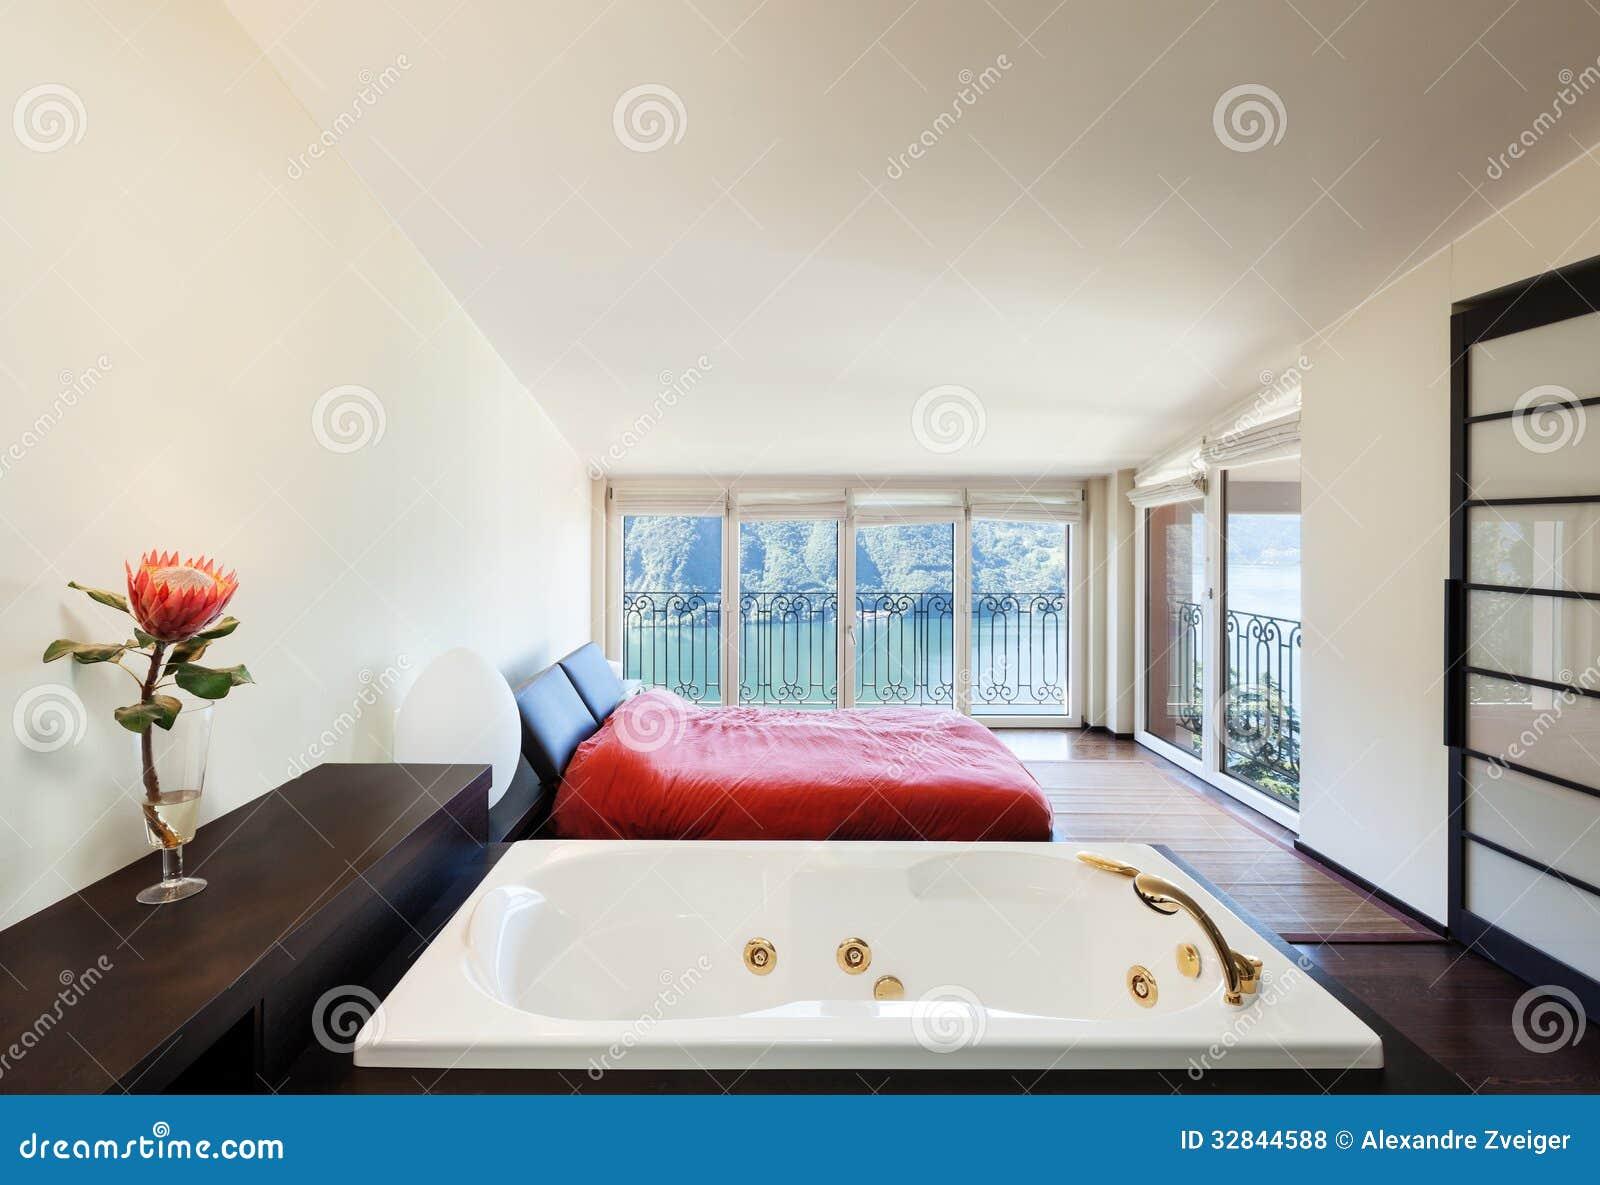 Appartement de luxe int rieur jacuzzi photos libres de droits image 32844588 - Appartement interieur ...